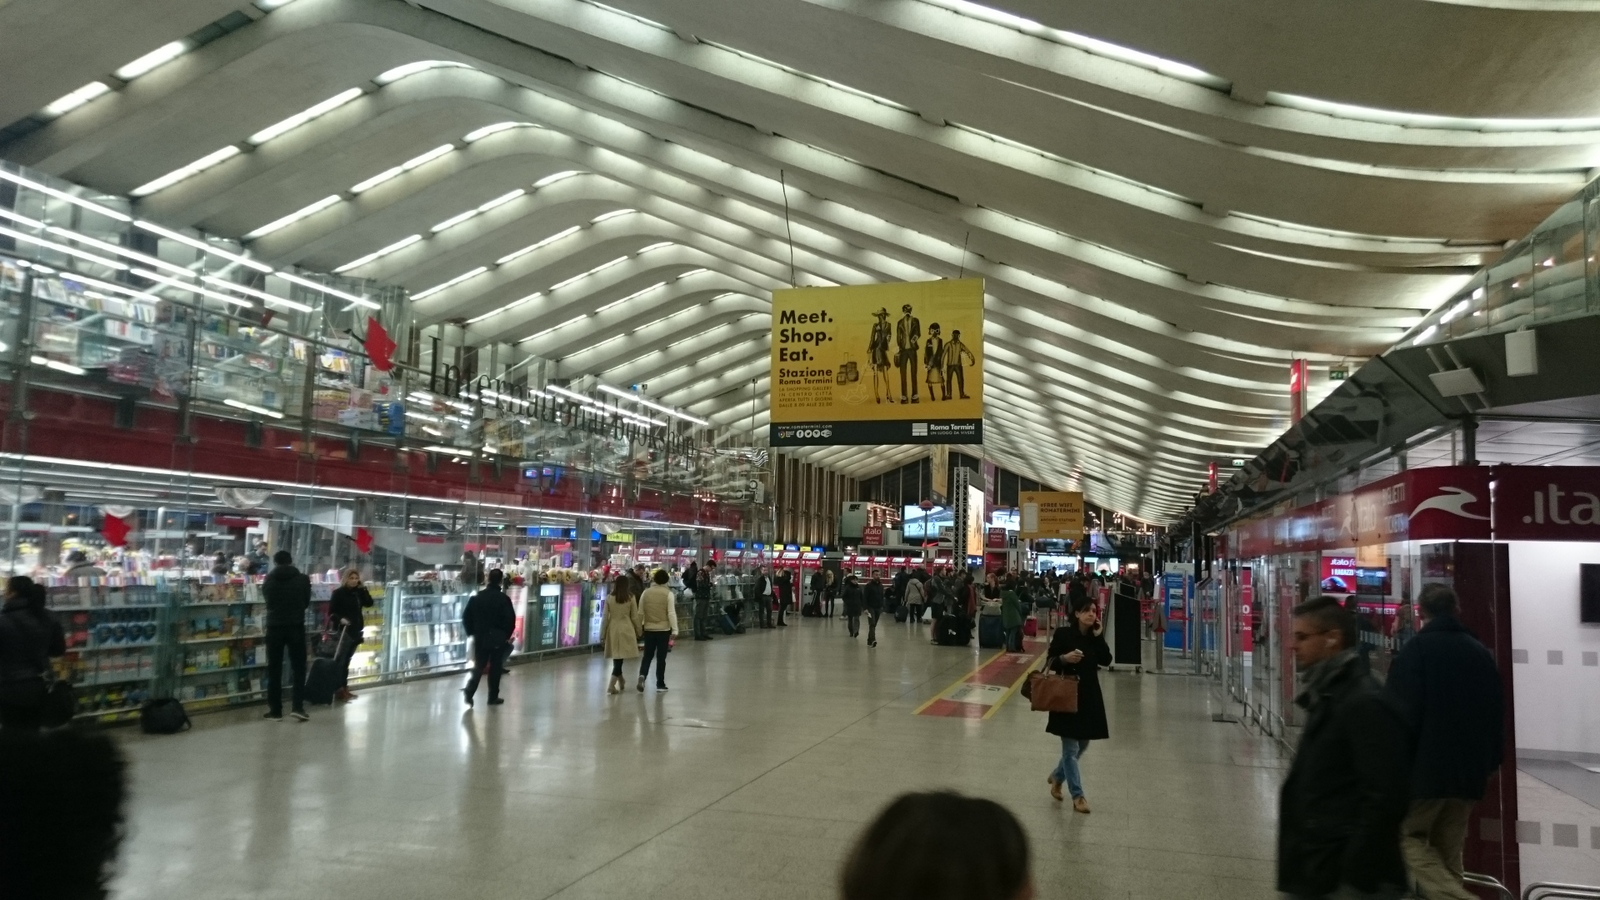 Viel Licht und Glas im Bahnhof Termini